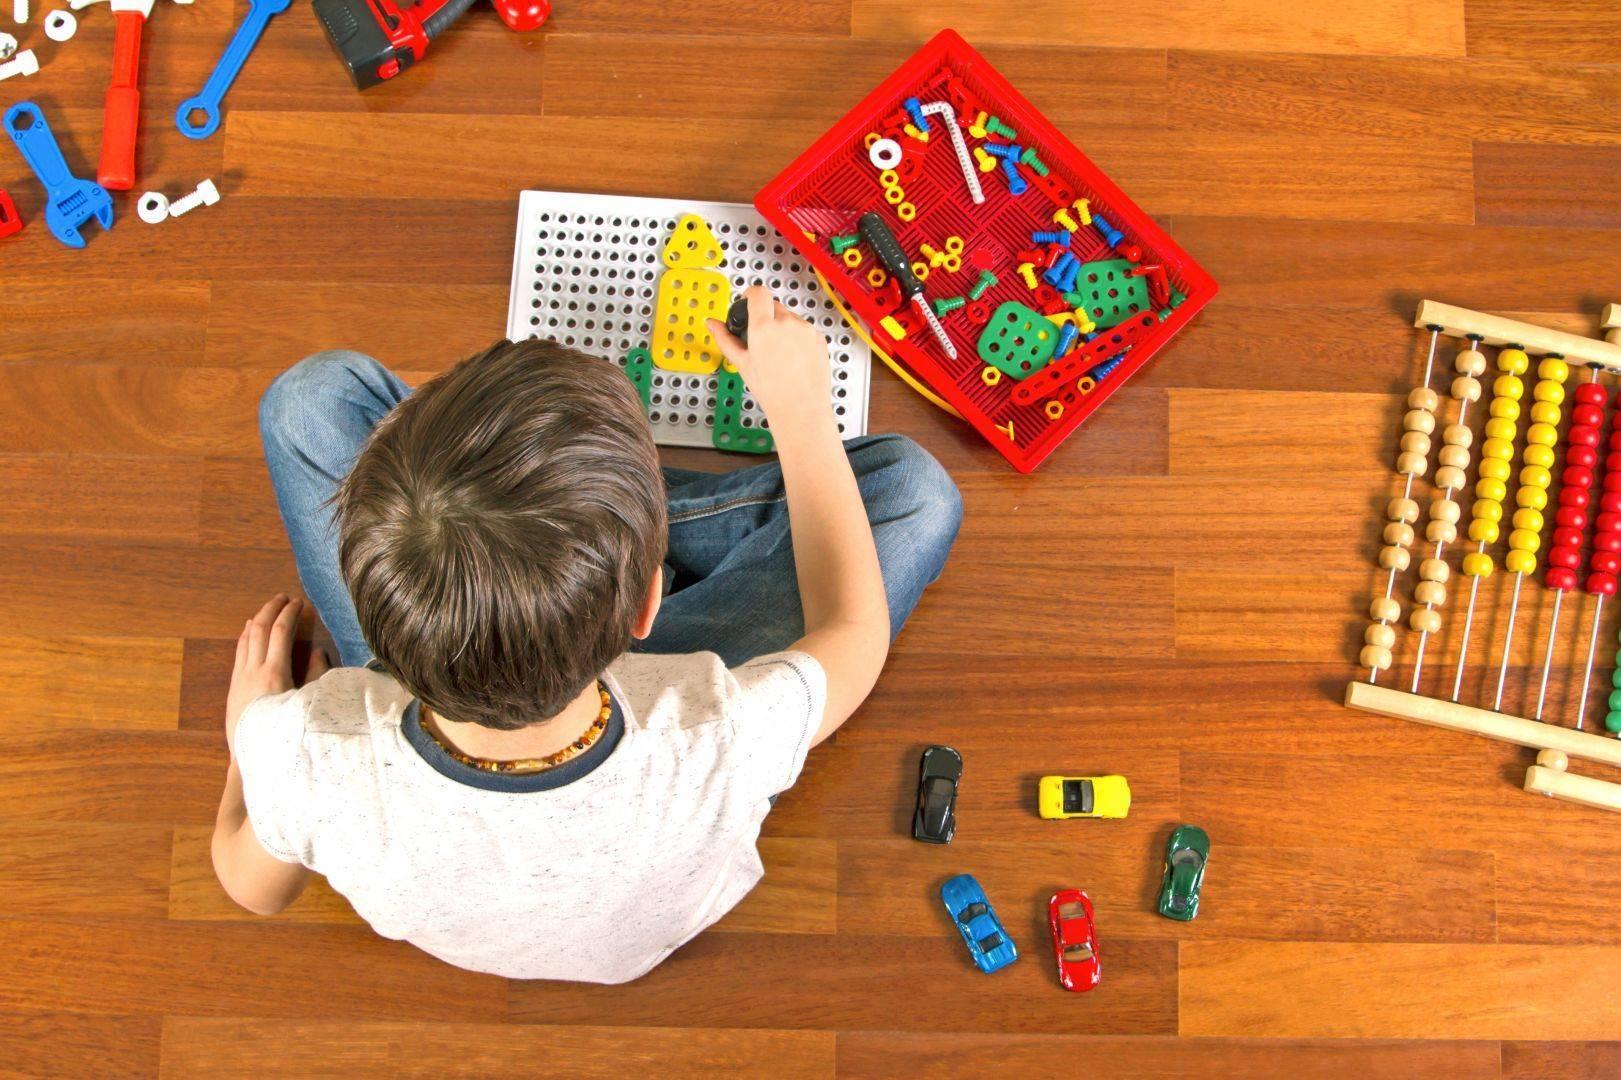 Как научить ребёнка играть самостоятельно? 6 способов. как научить ребенка играть с детьми